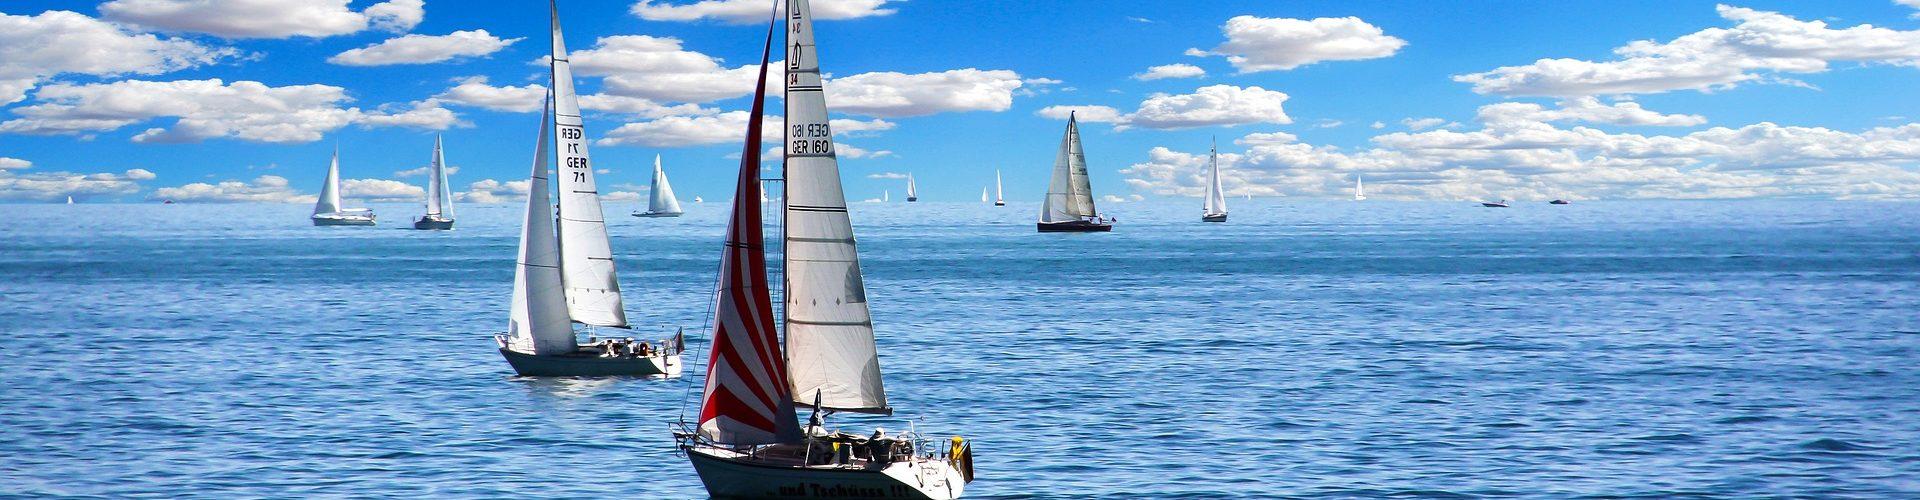 segeln lernen in Frechen segelschein machen in Frechen 1920x500 - Segeln lernen in Frechen